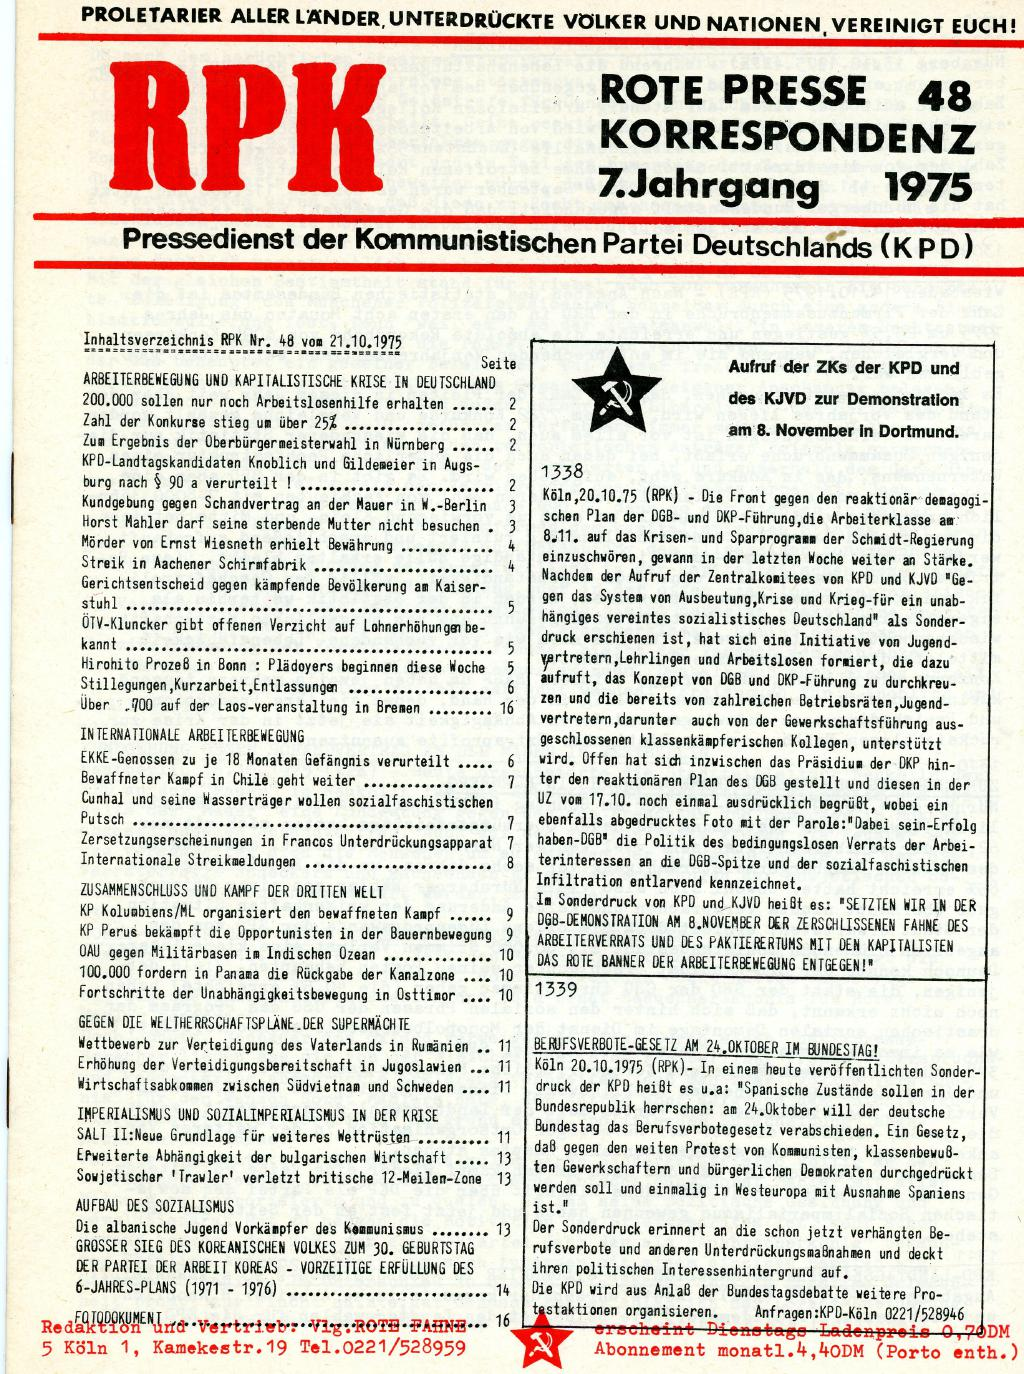 RPK_Pressedienst_1975_48_01